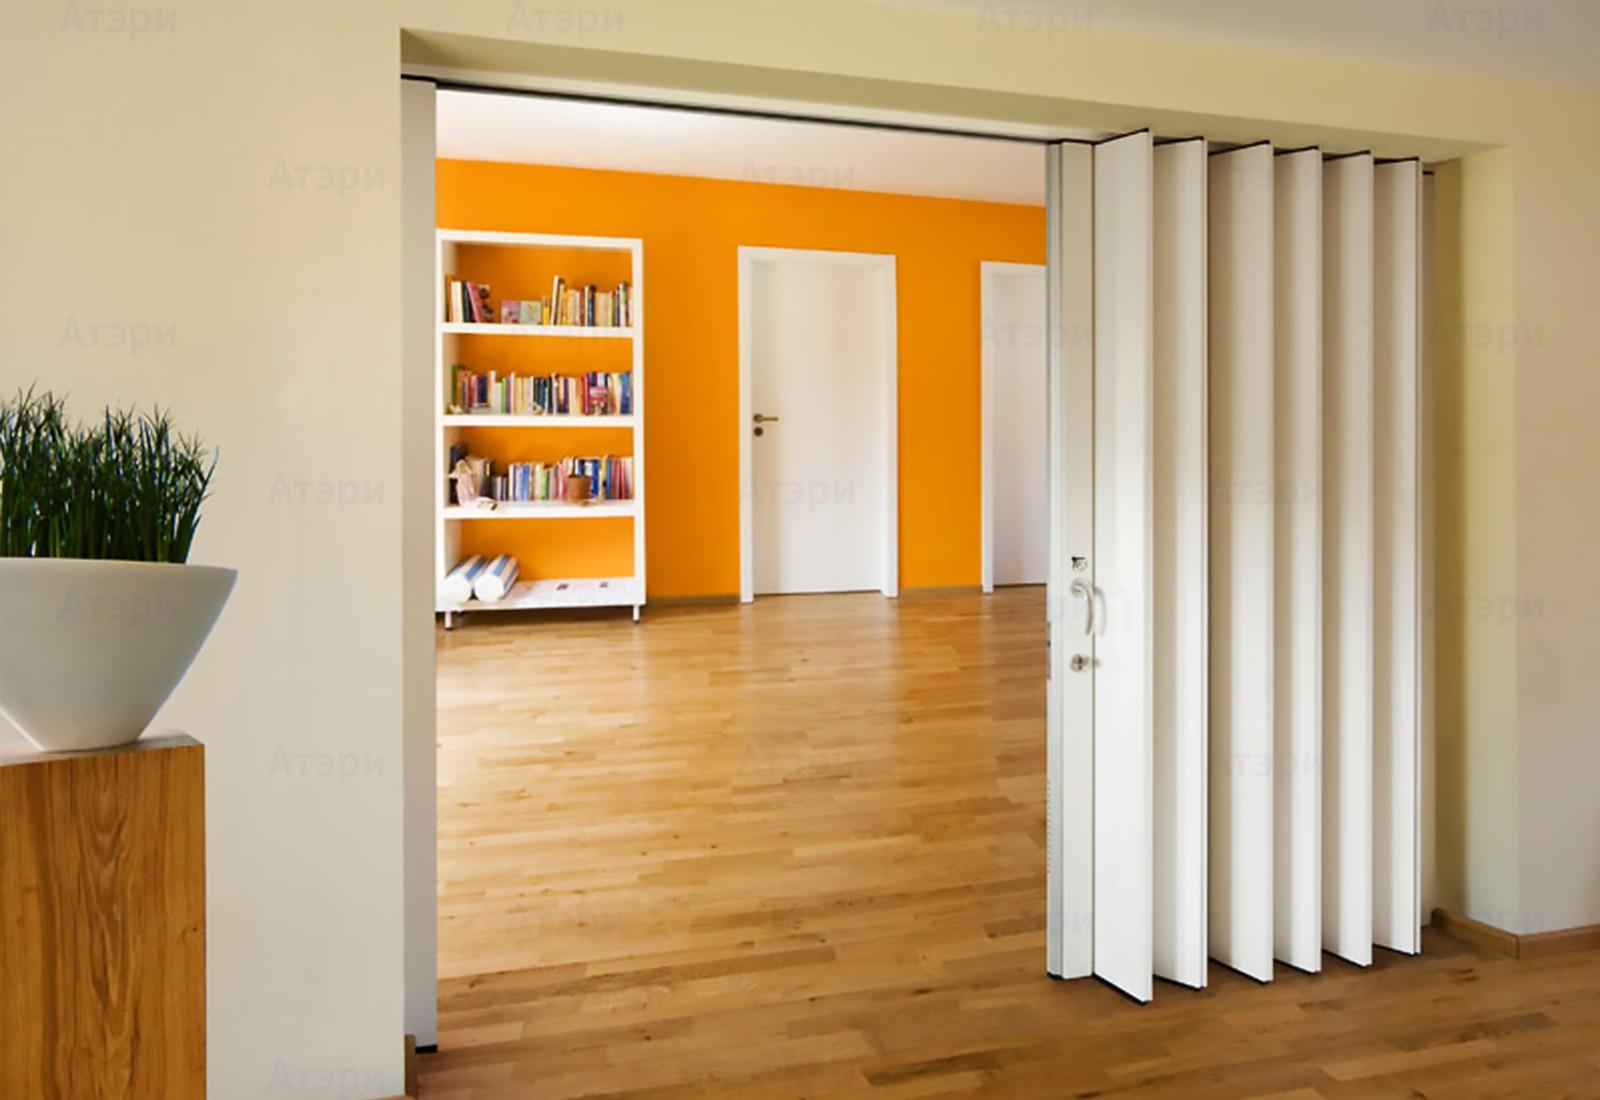 أشكال أبواب جرارة داخل المنزل ـ باب جرار أوكورديون